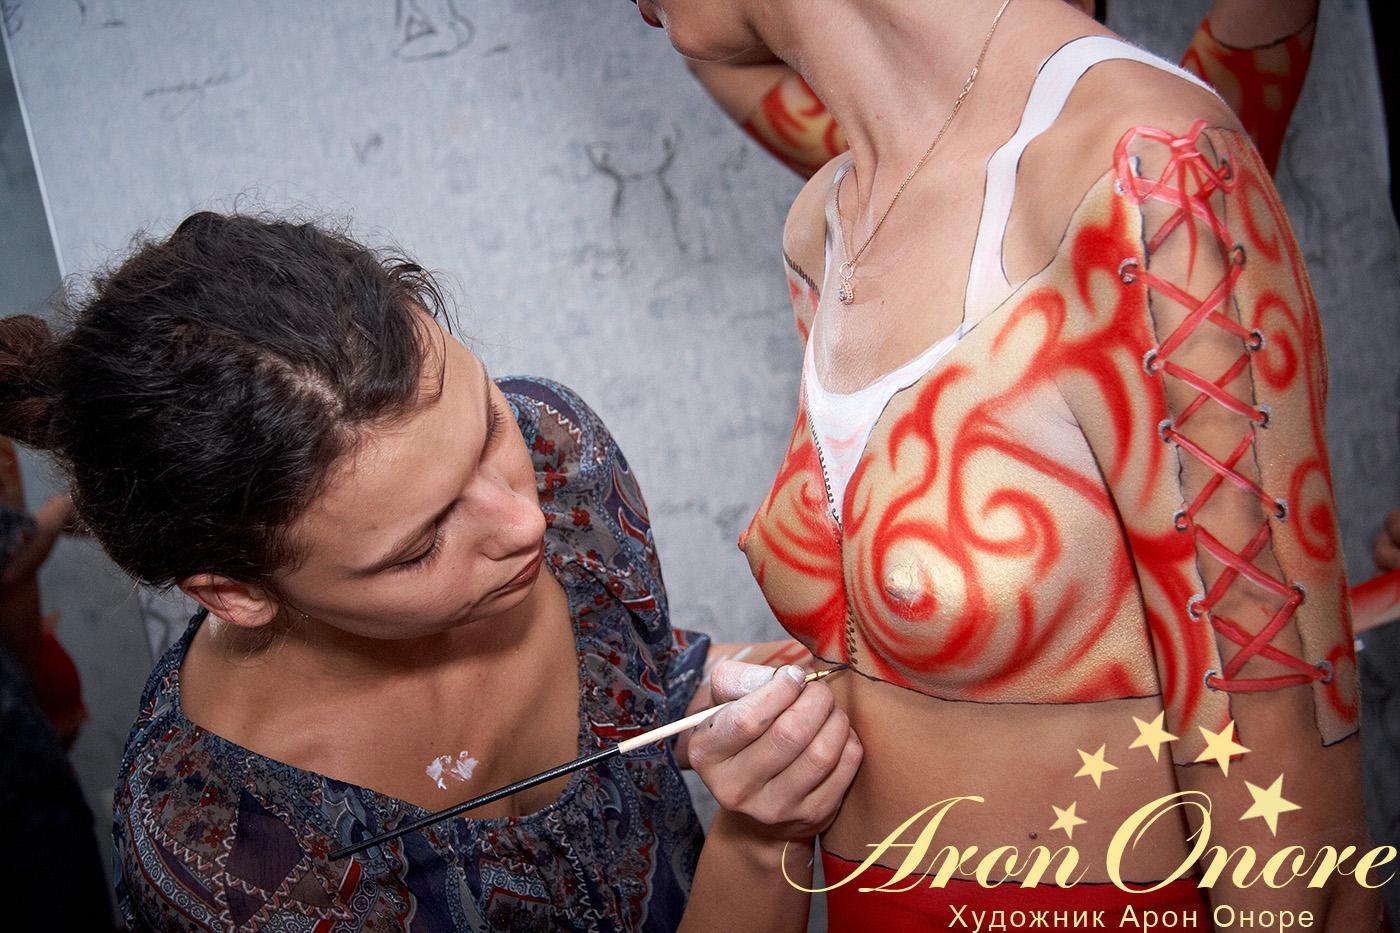 Рисунок на теле девушки – процесс создания боди арта